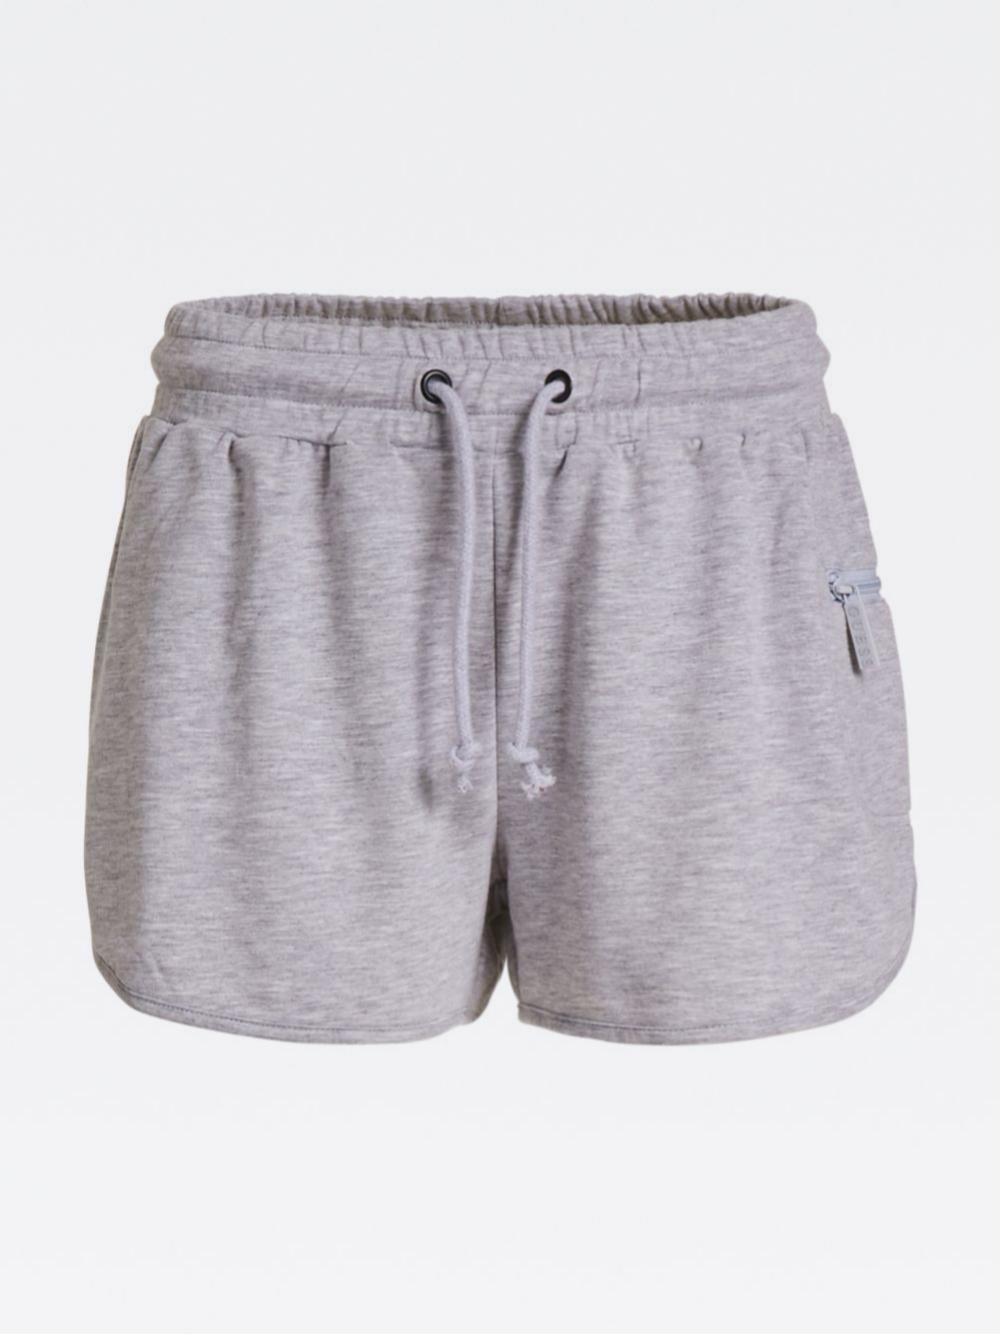 Shorts de algodón, Guess.